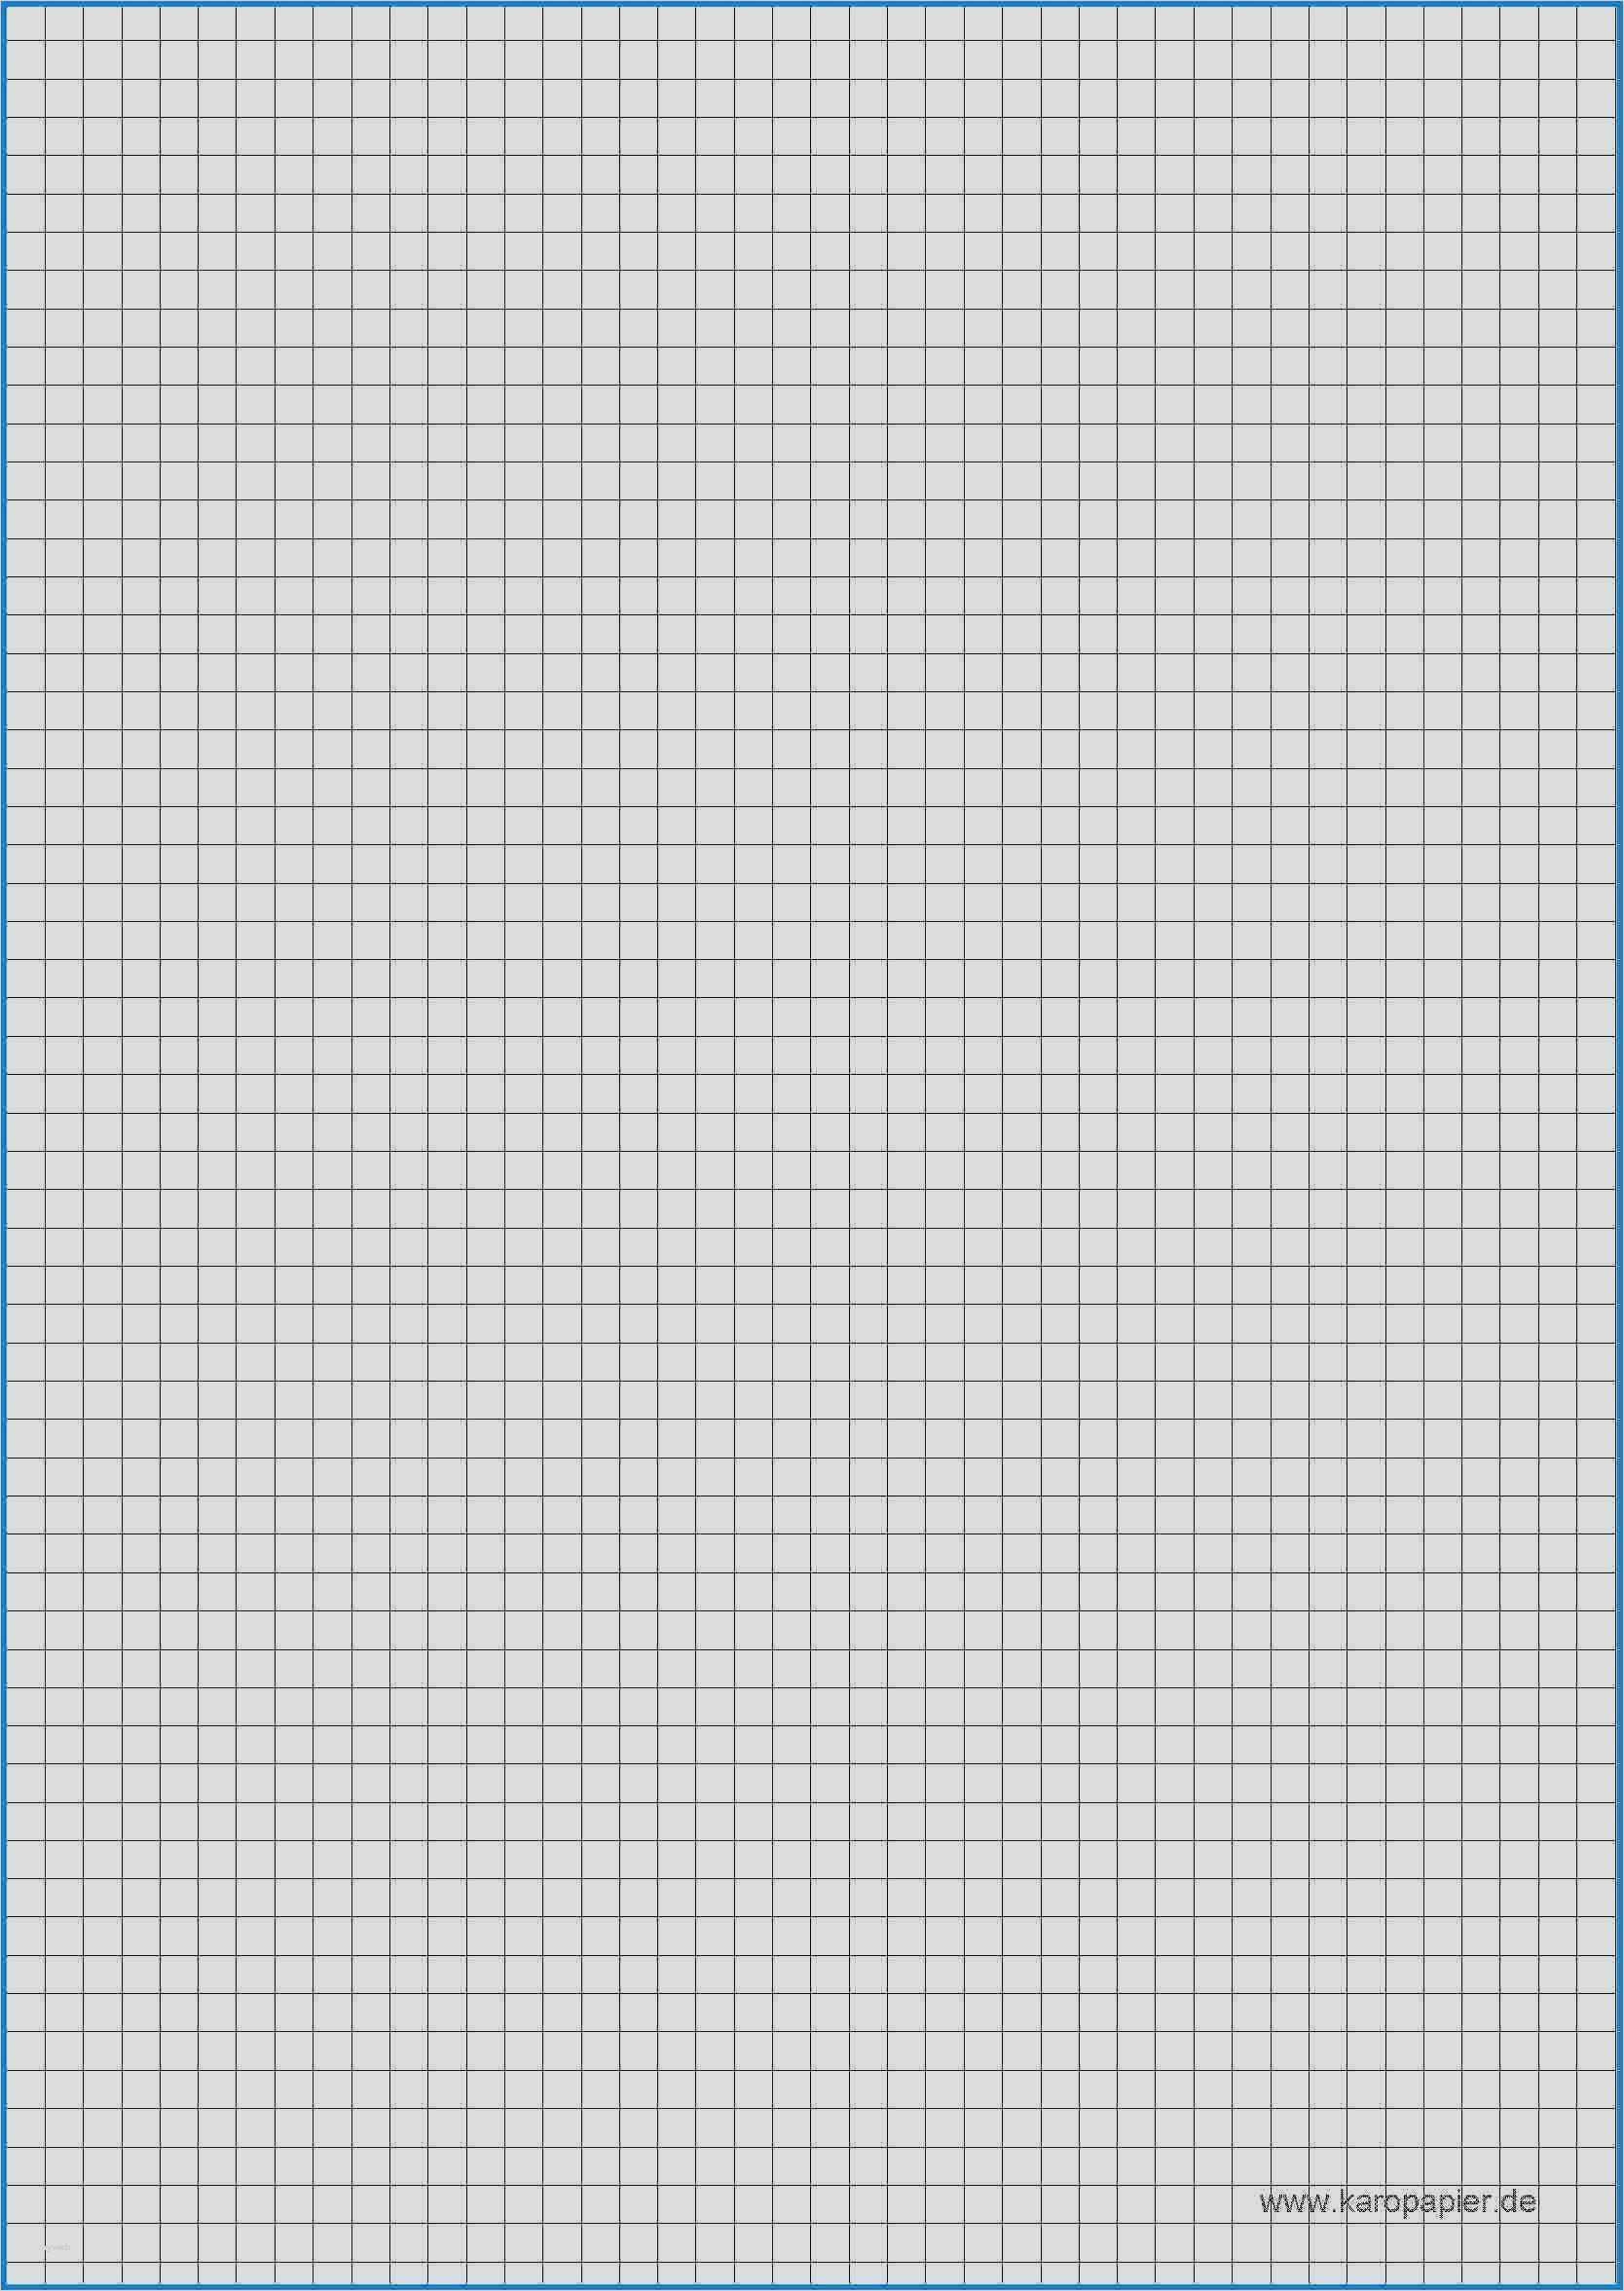 Kariertes Papier Vorlage Muster Rechenblatt 7